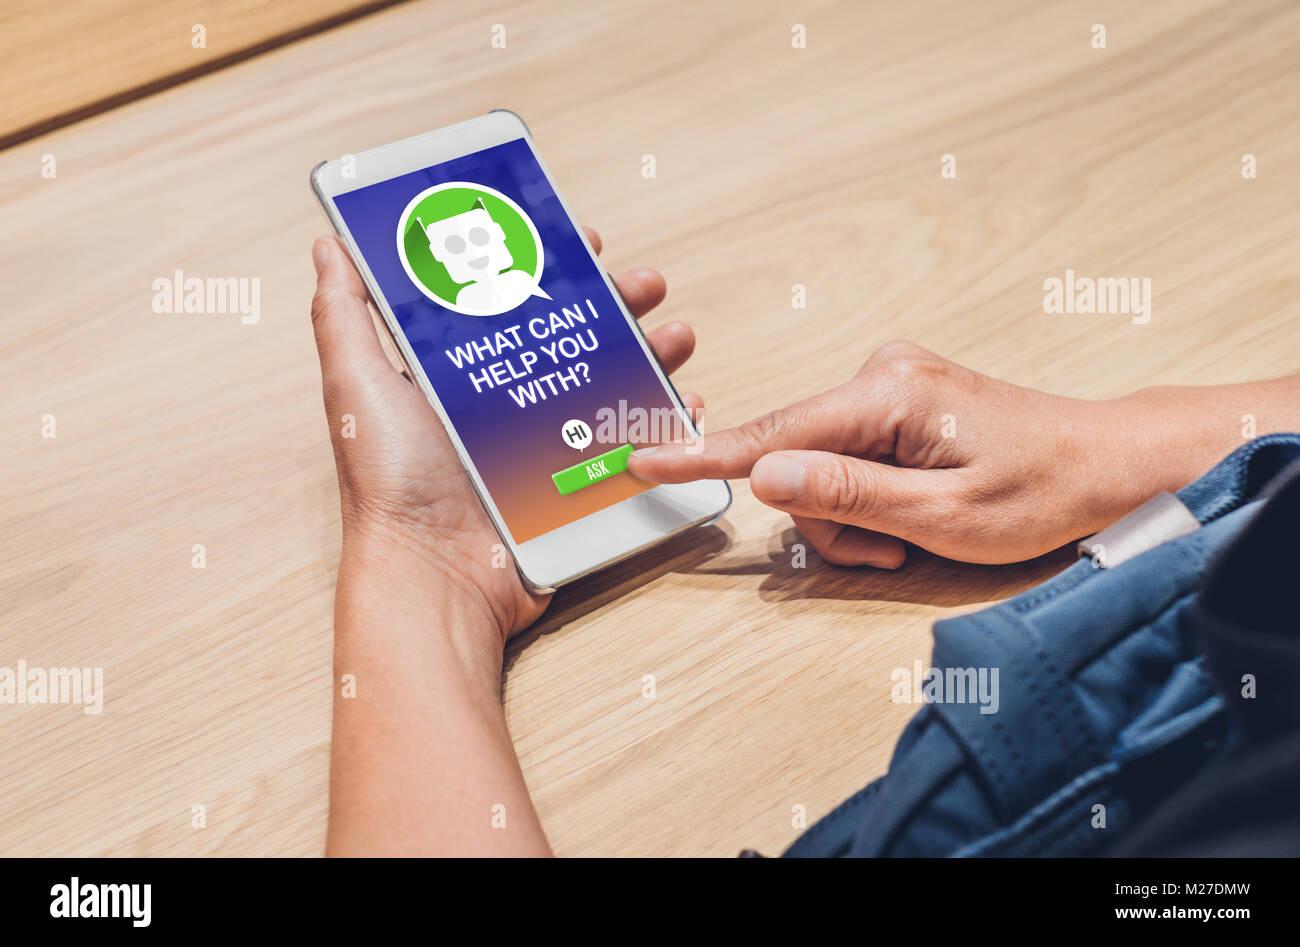 Leute fragen Chat bot Funktion in mobile App. auf der Suche nach Kunde Support online Einkaufen Einkaufen. Digital Stockfoto